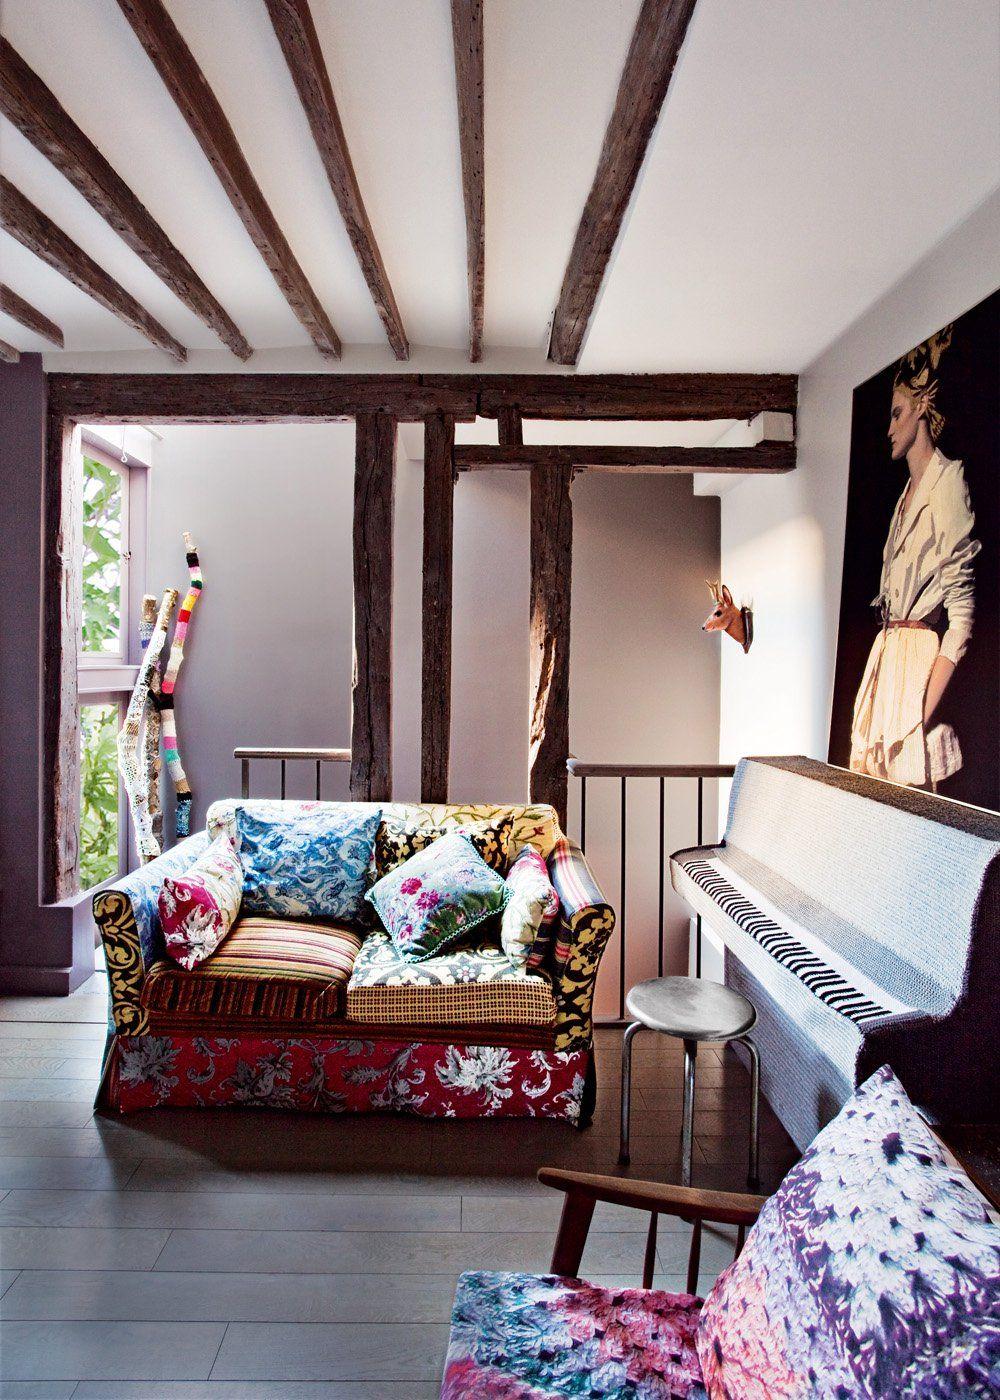 De 25 id es canons pour am nager votre petit salon la d co que j 39 aime pinterest - Salon decorer pour petits espaces designs de salon qui fonctionnent ...